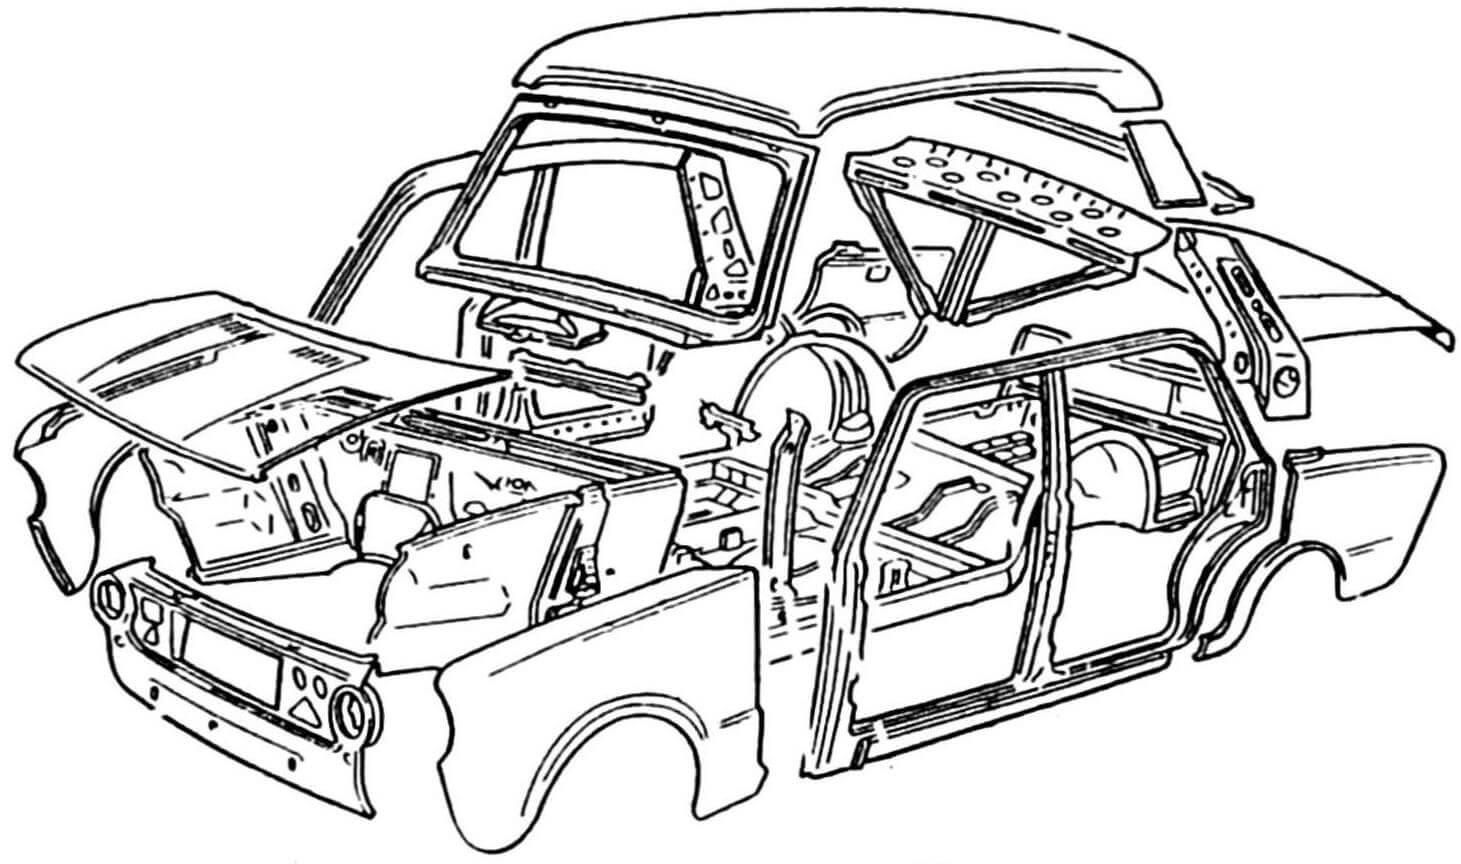 Элементы несущего кузова автомобиля ВАЗ-2101